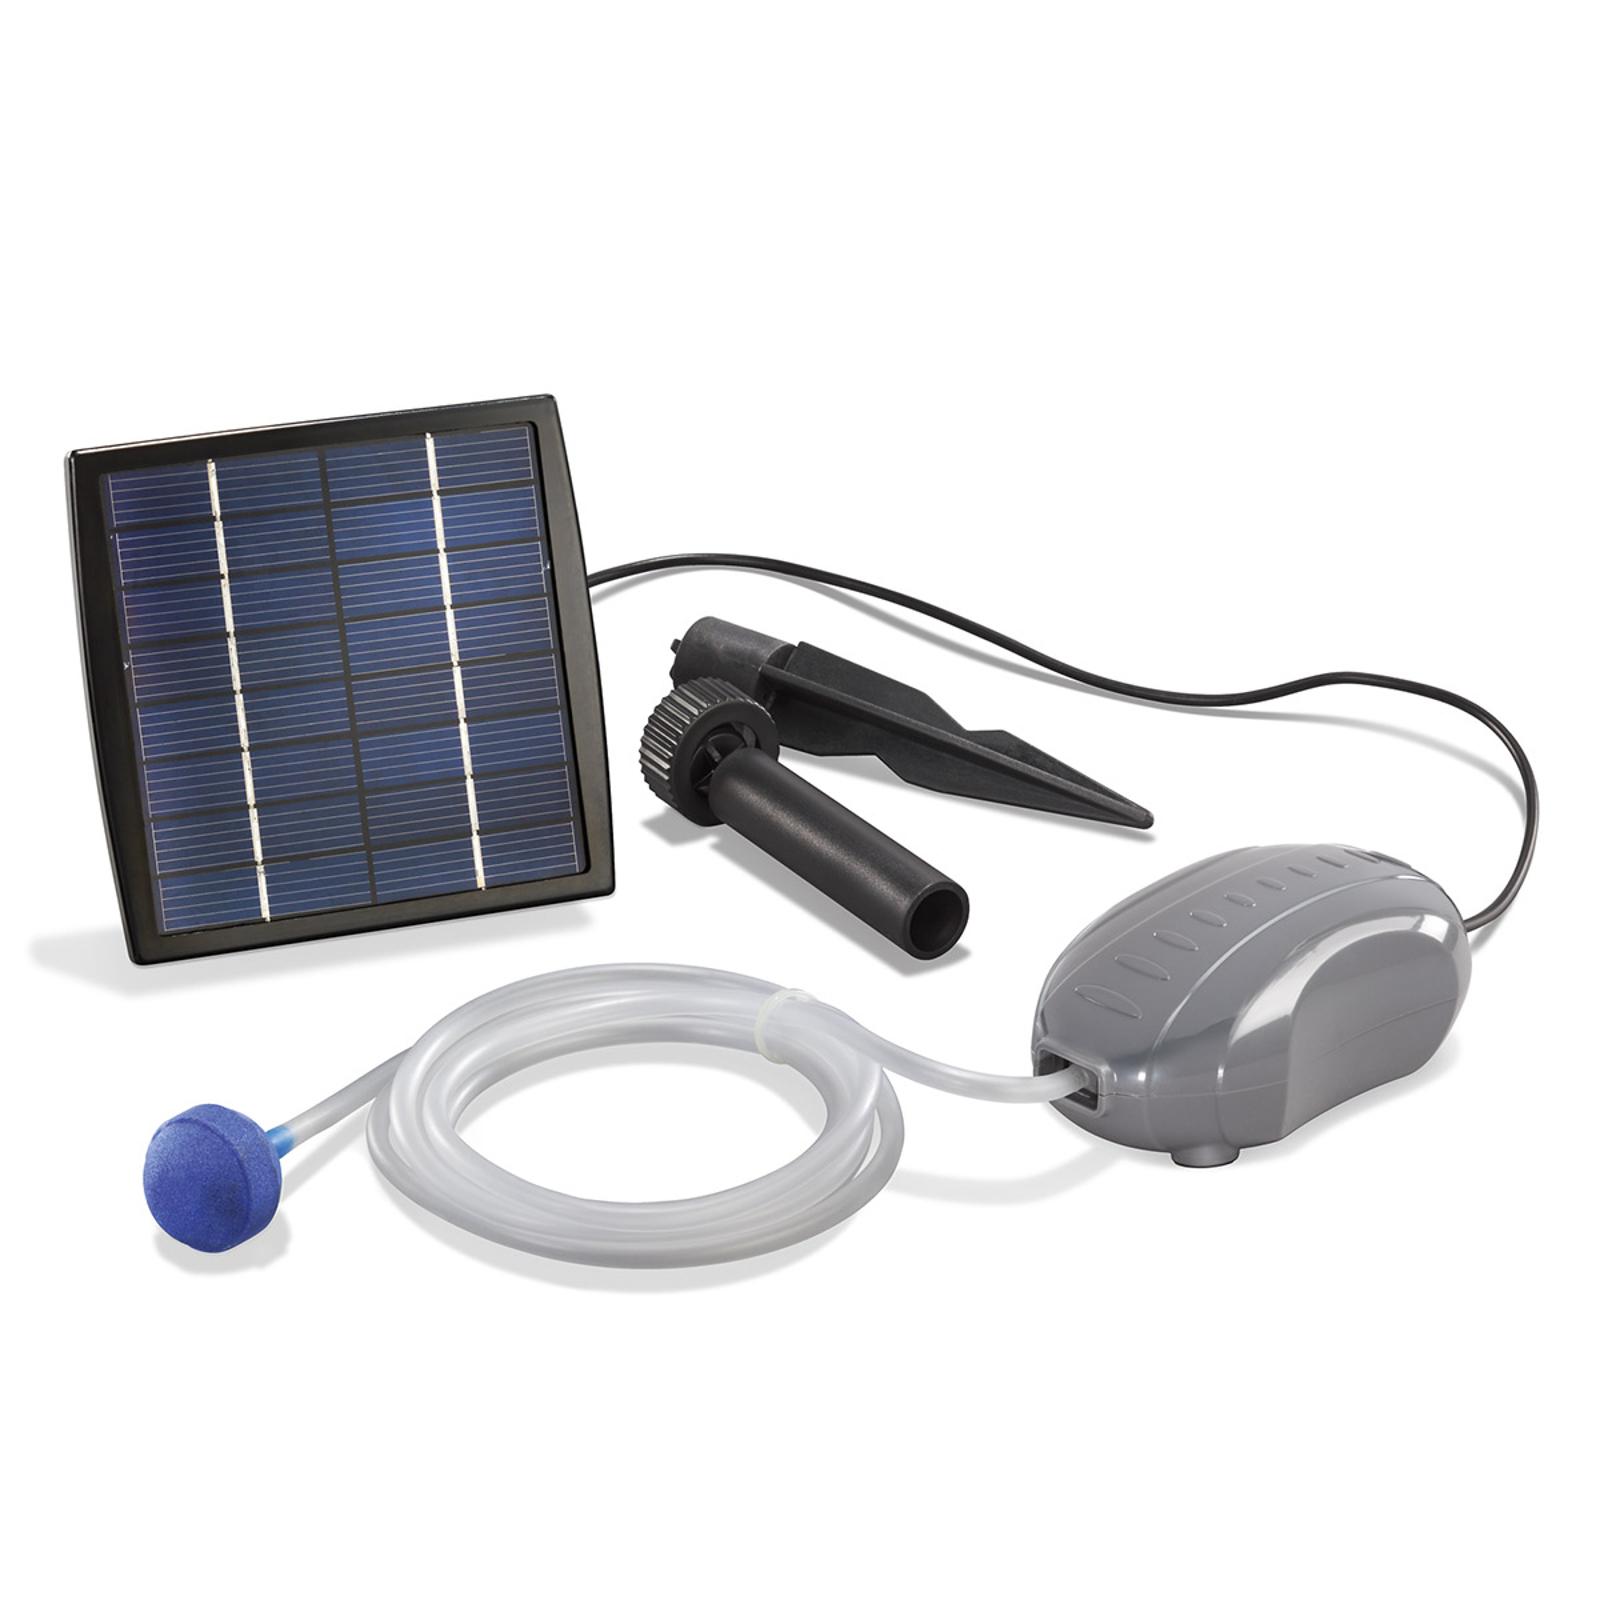 Solárny prevzdušňovač rybníkov SOLAR AIR-S_3012158_1